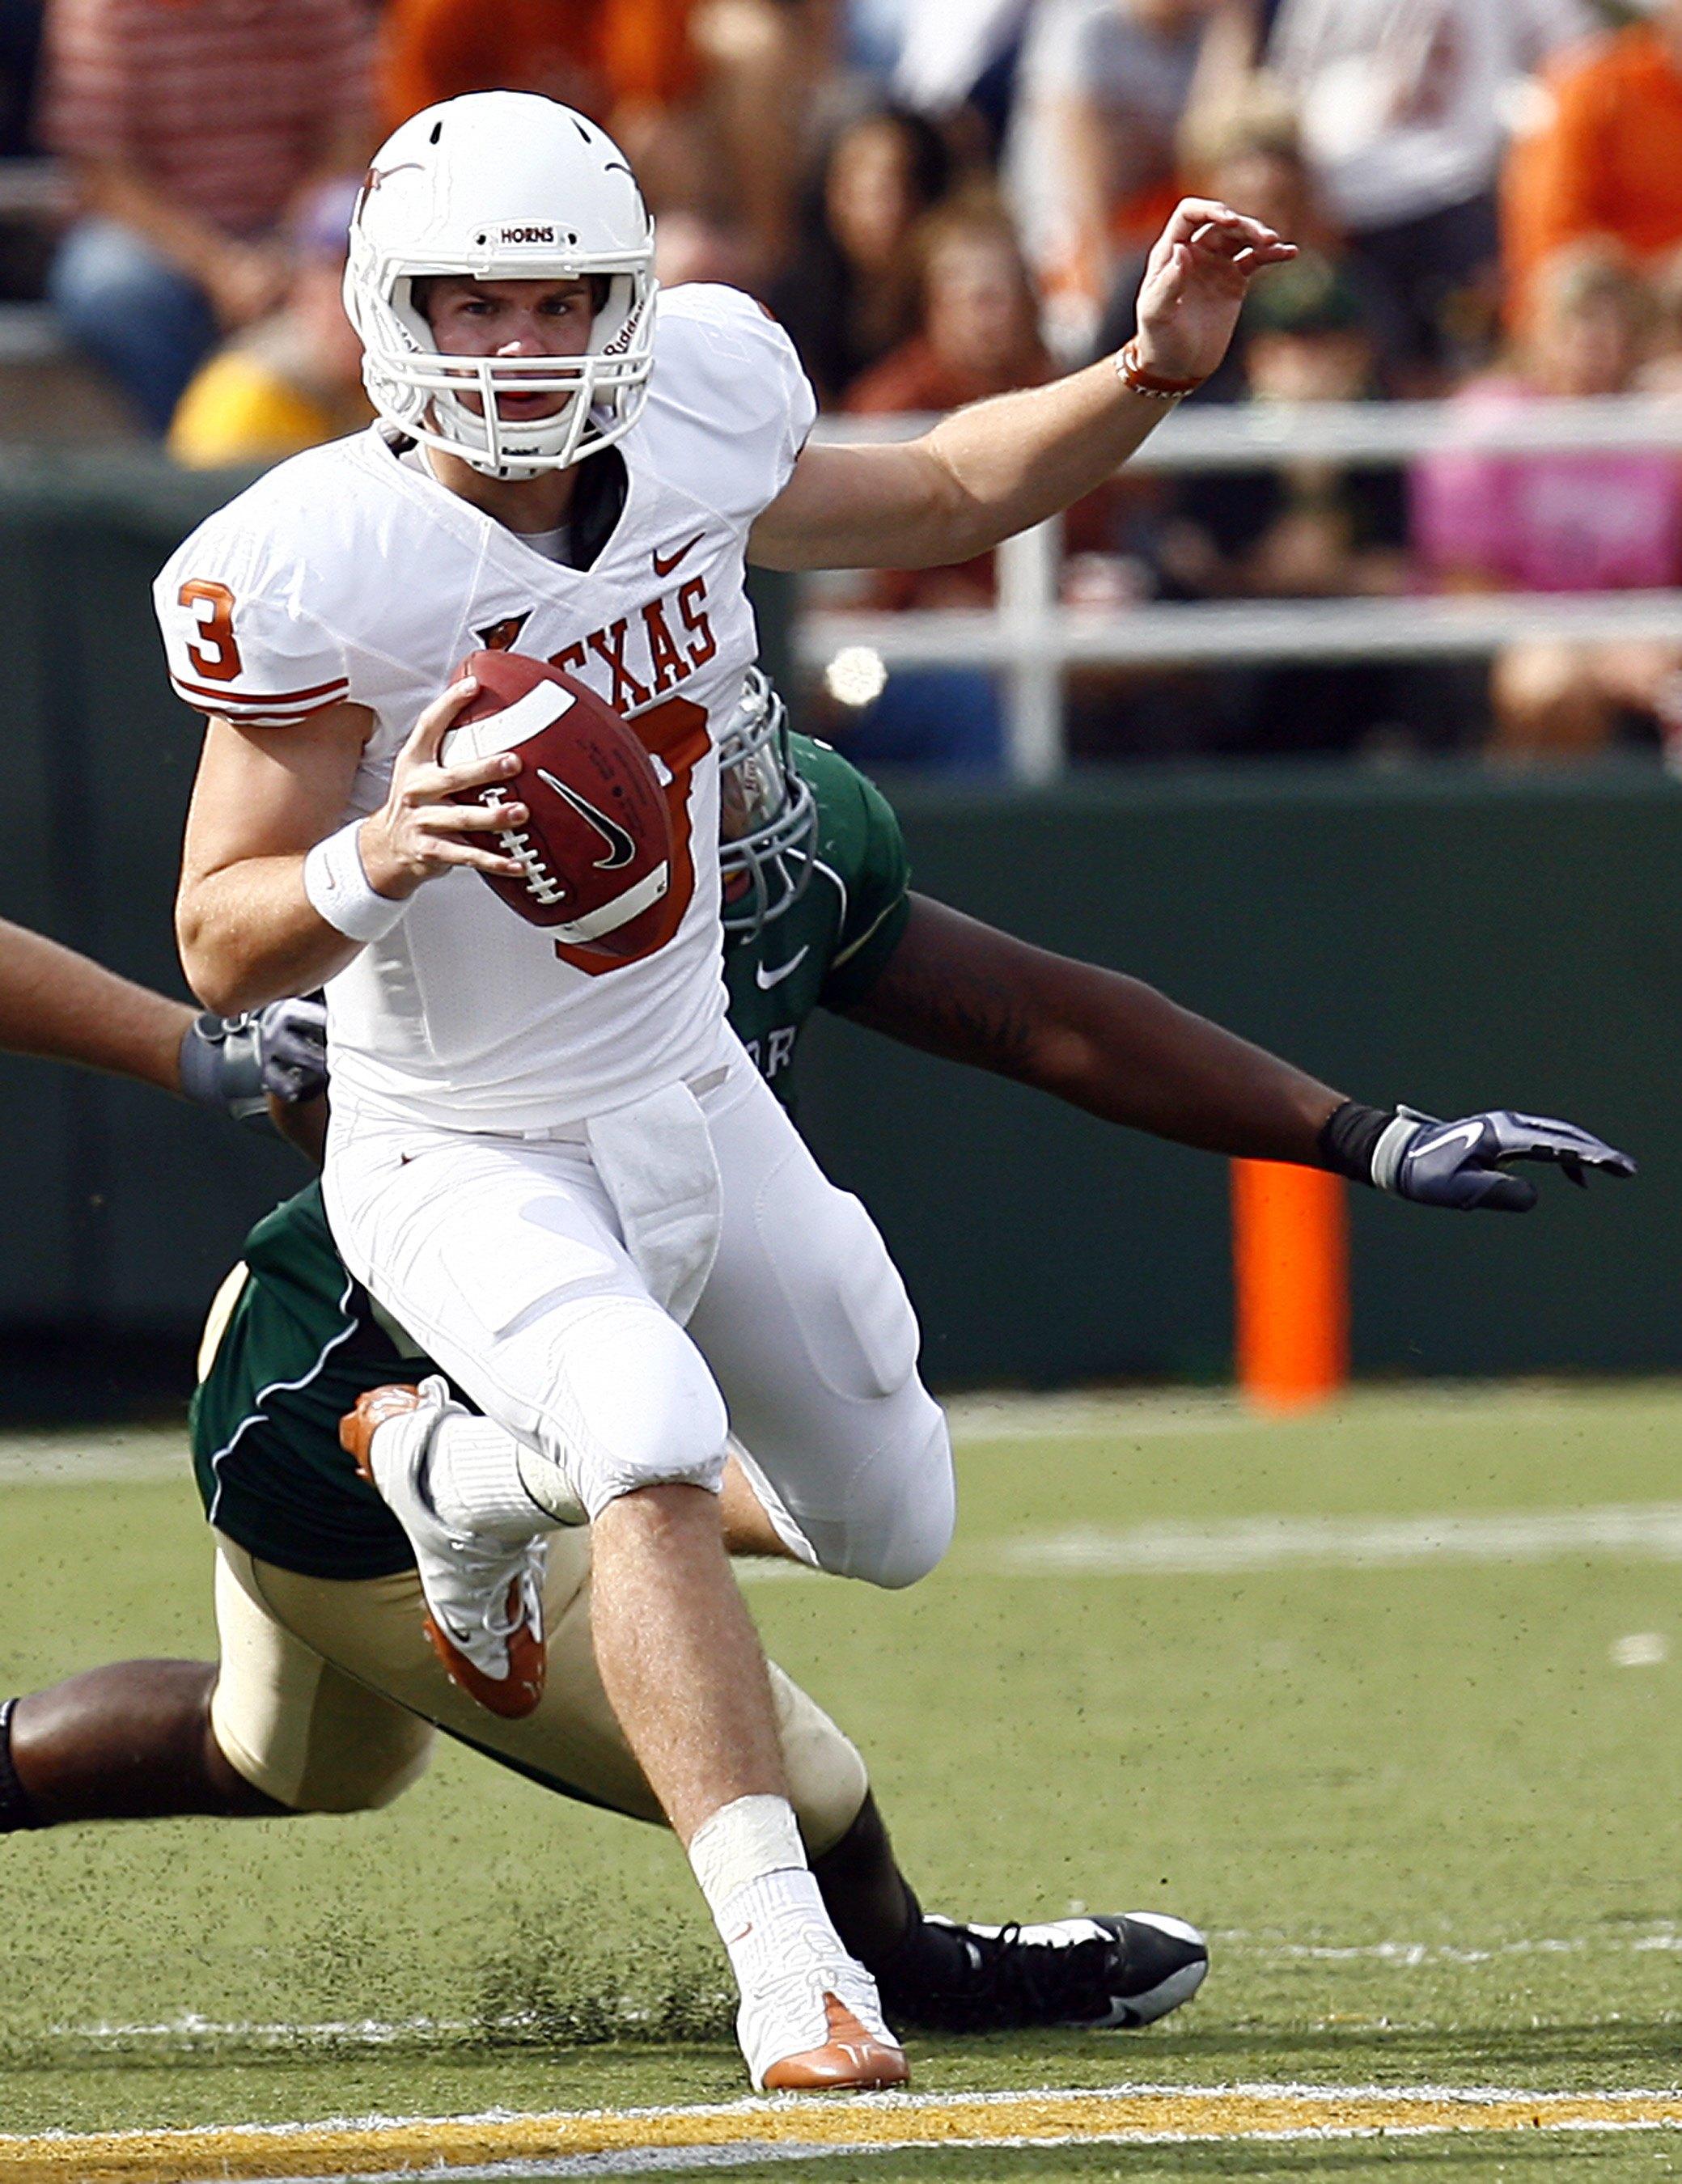 Texas Football Breaking Down The Qb Paths Garrett Gilbert Could Follow Bleacher Report Latest News Videos And Highlights